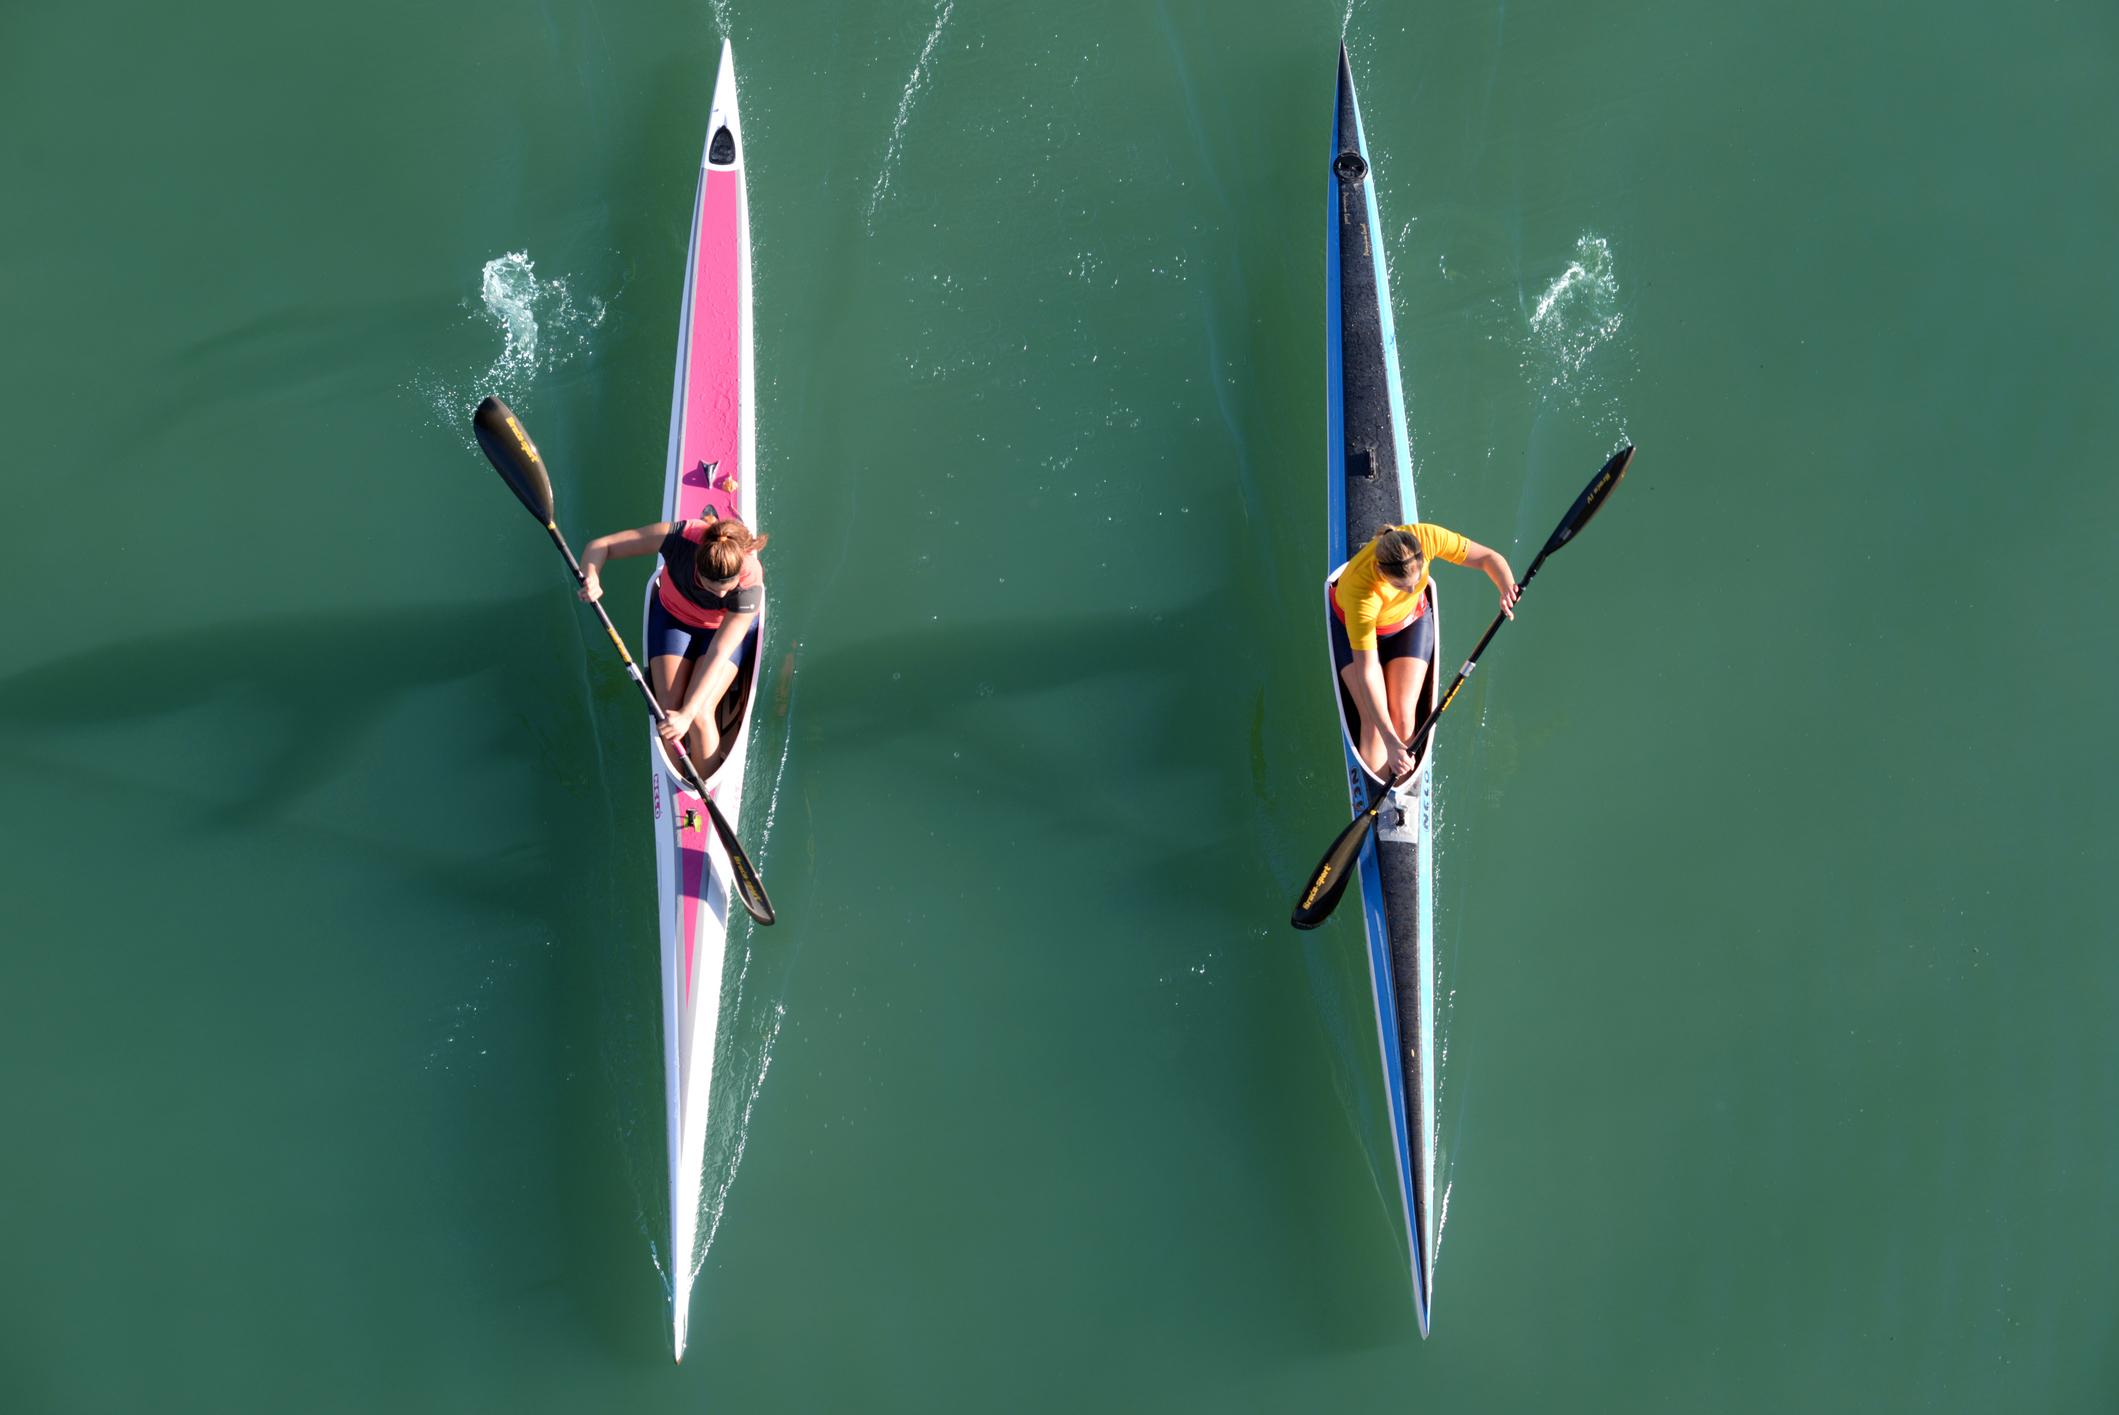 Der Wildwasserrennsport für Kajaker